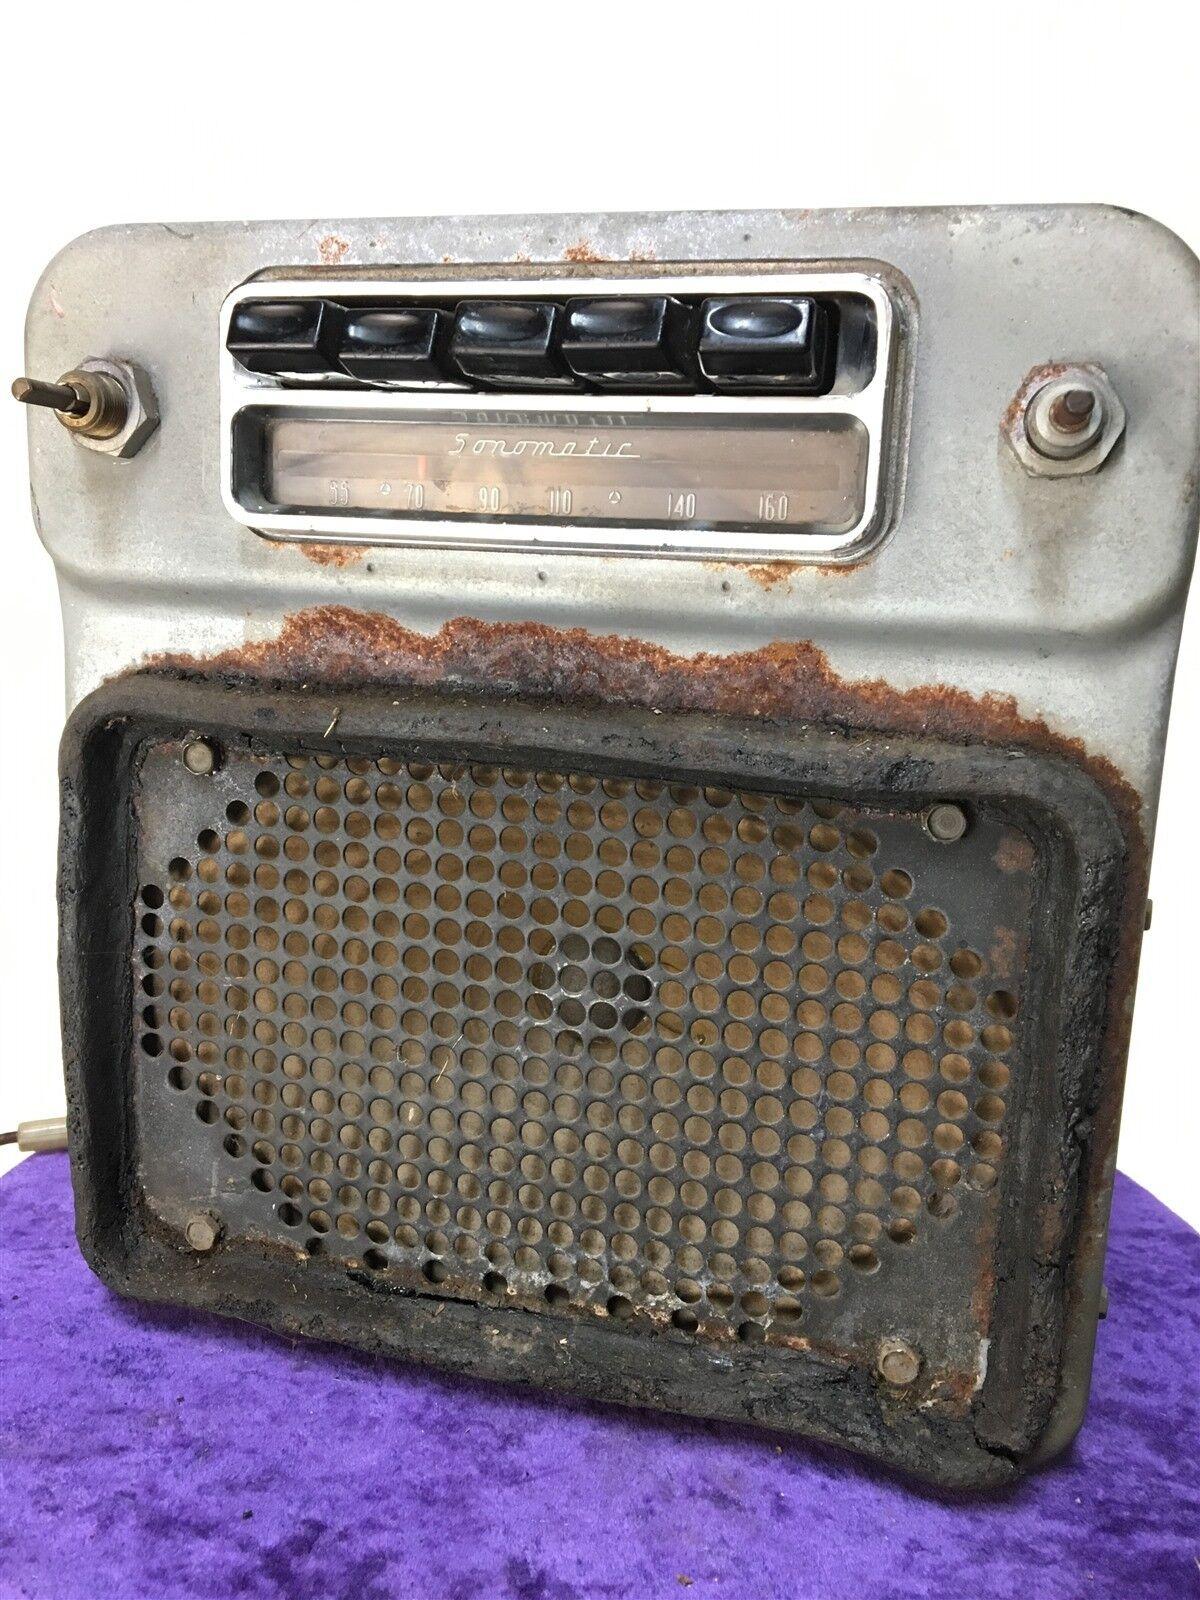 1956 BUICK Sonomatic Spec Wagon 981707 RADIO super retro